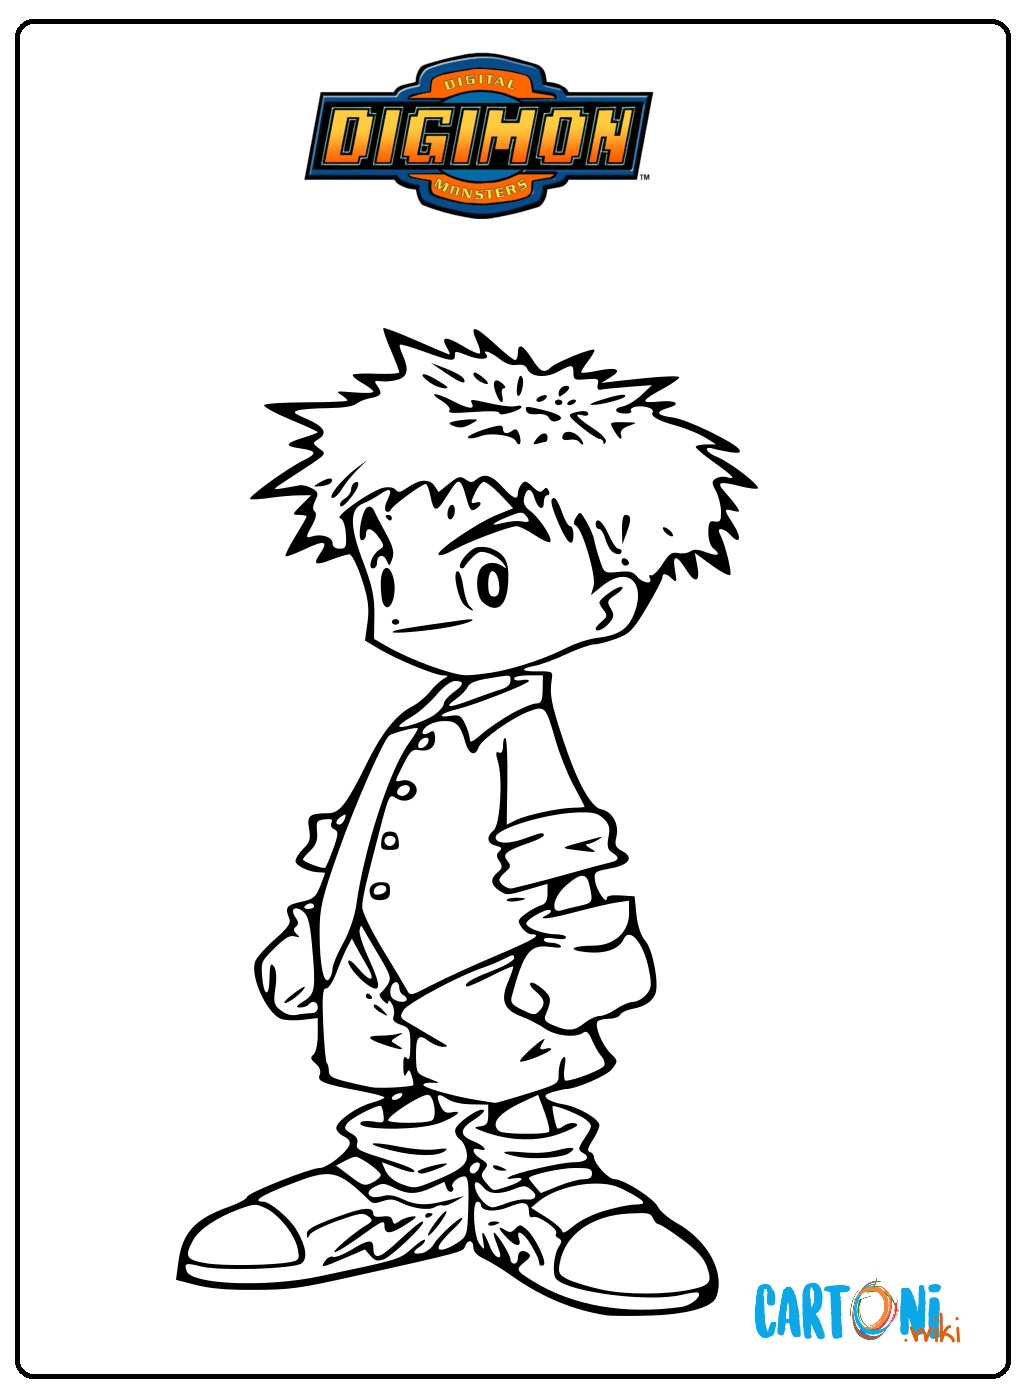 Colora Izzy dei Digimon - Stampa e colora